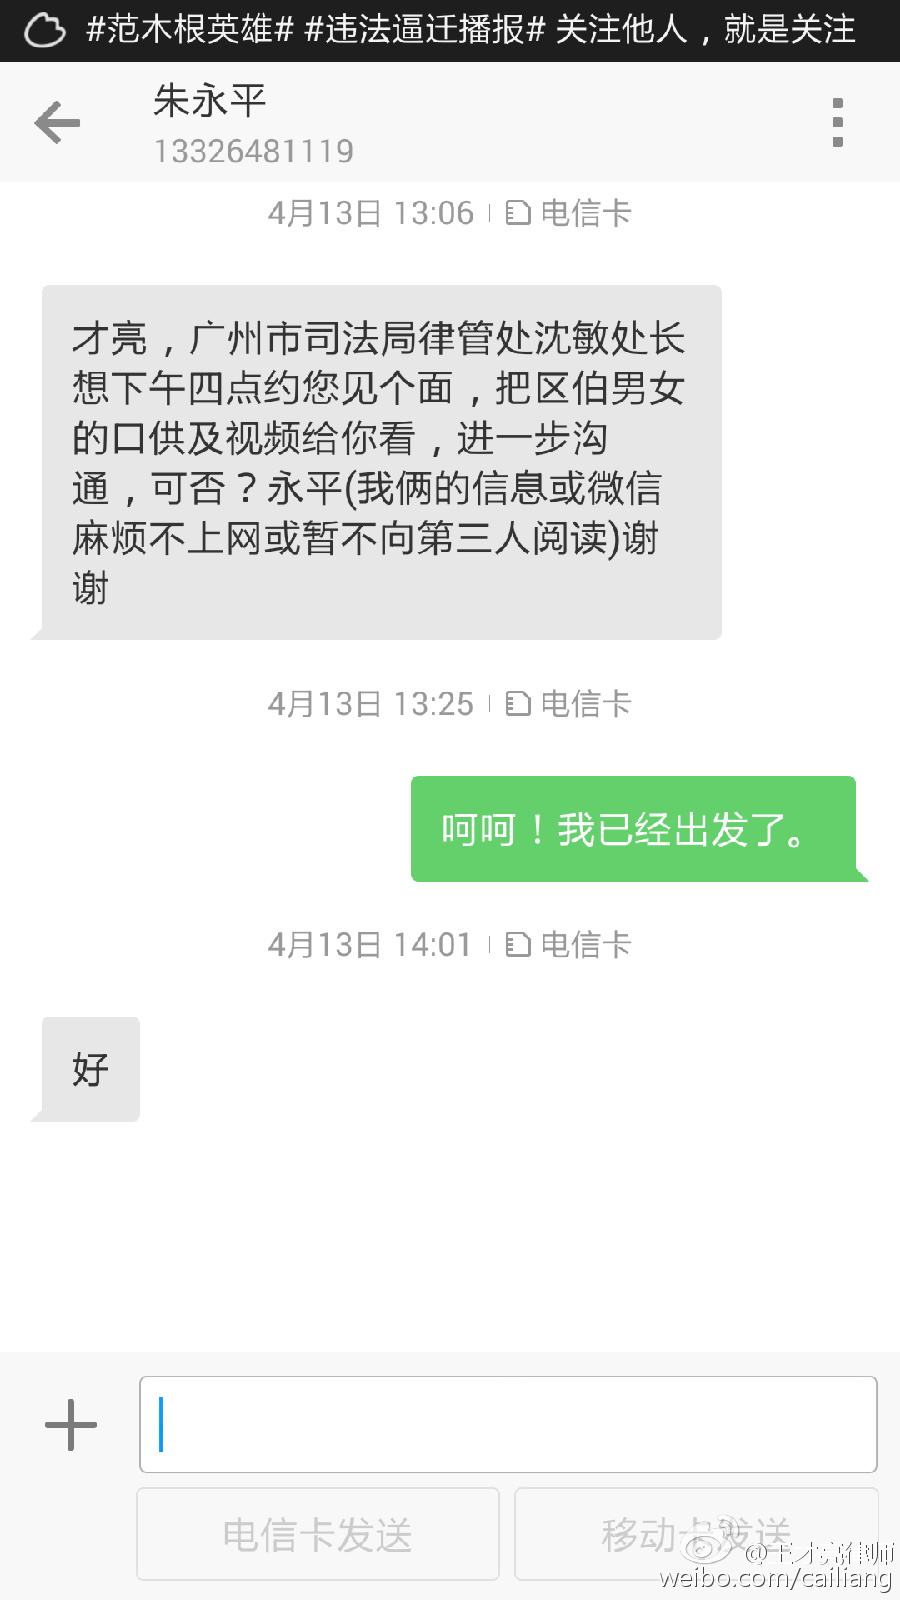 请问朱永平:区少坤与陈检罗有什么私人恩怨?